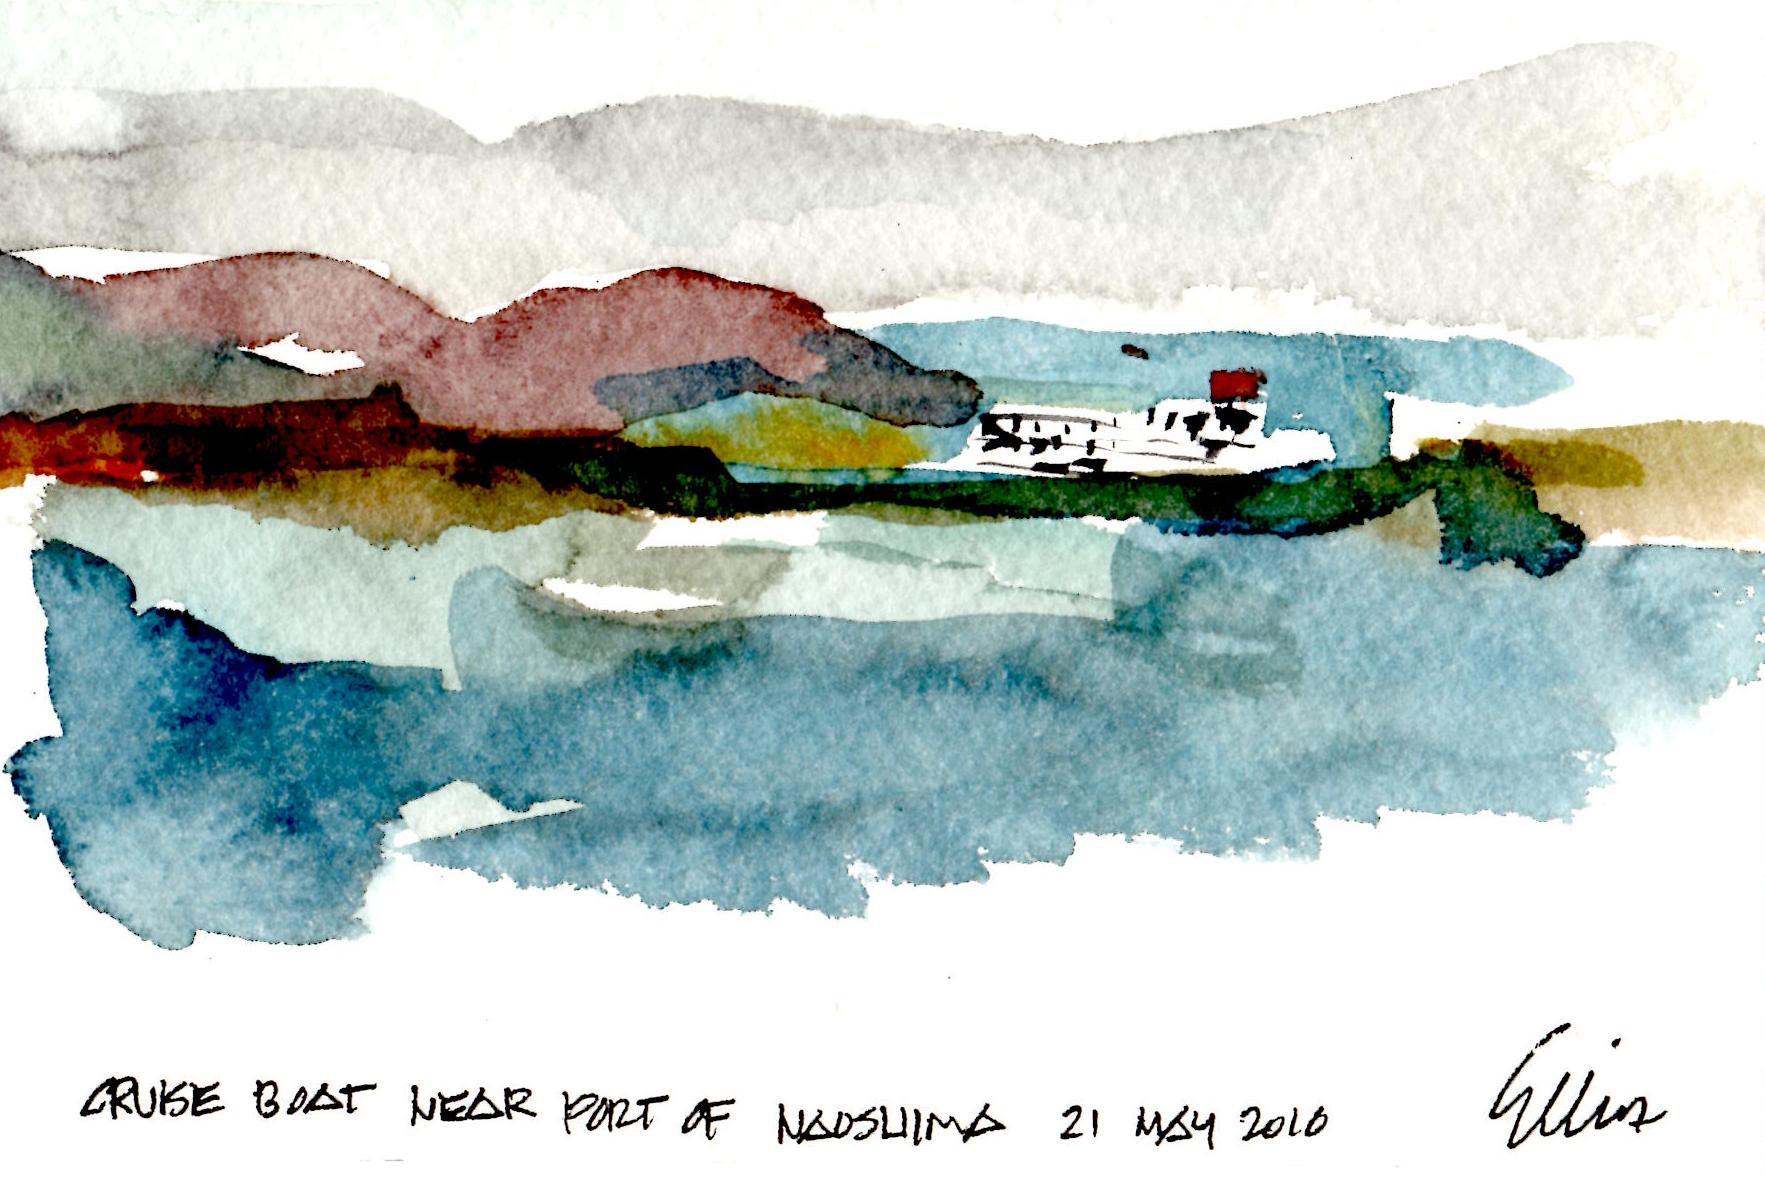 Cruise Boat Near Port of Naoshima